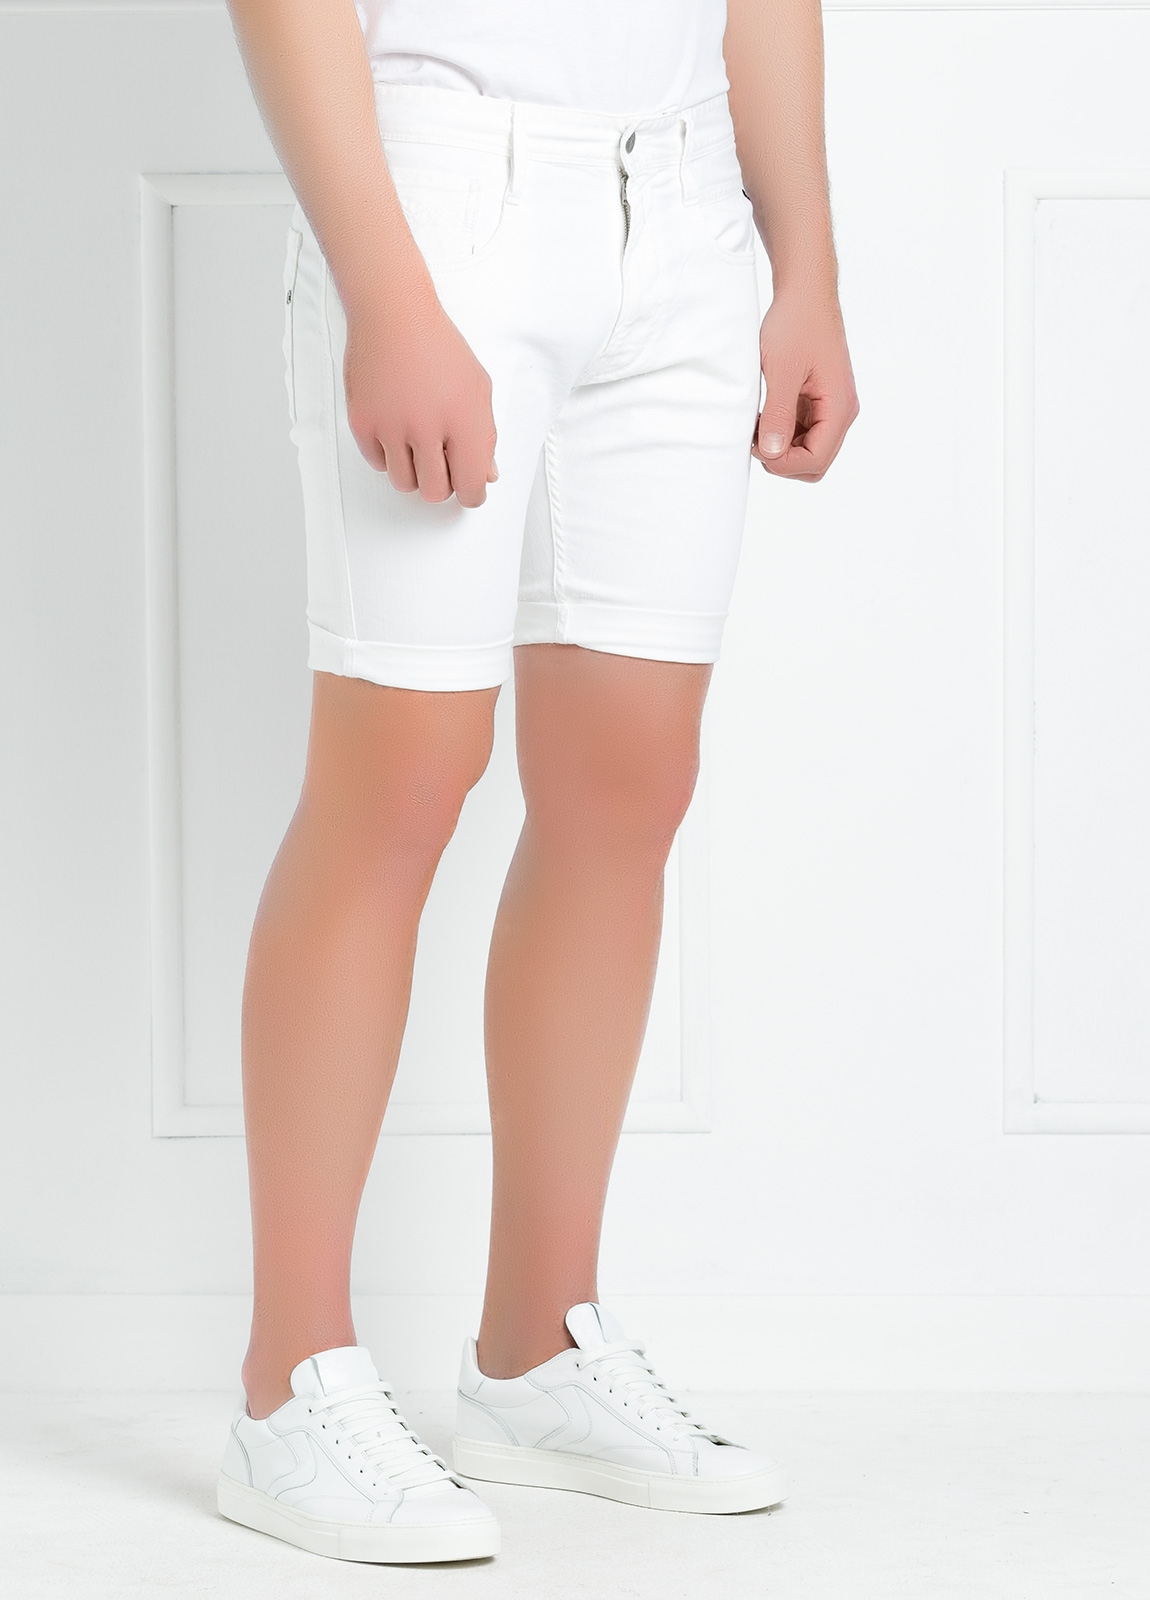 Bermuda tejana 9,5 oz SLIM MA 996 ANBASS color blanco. - Ítem2